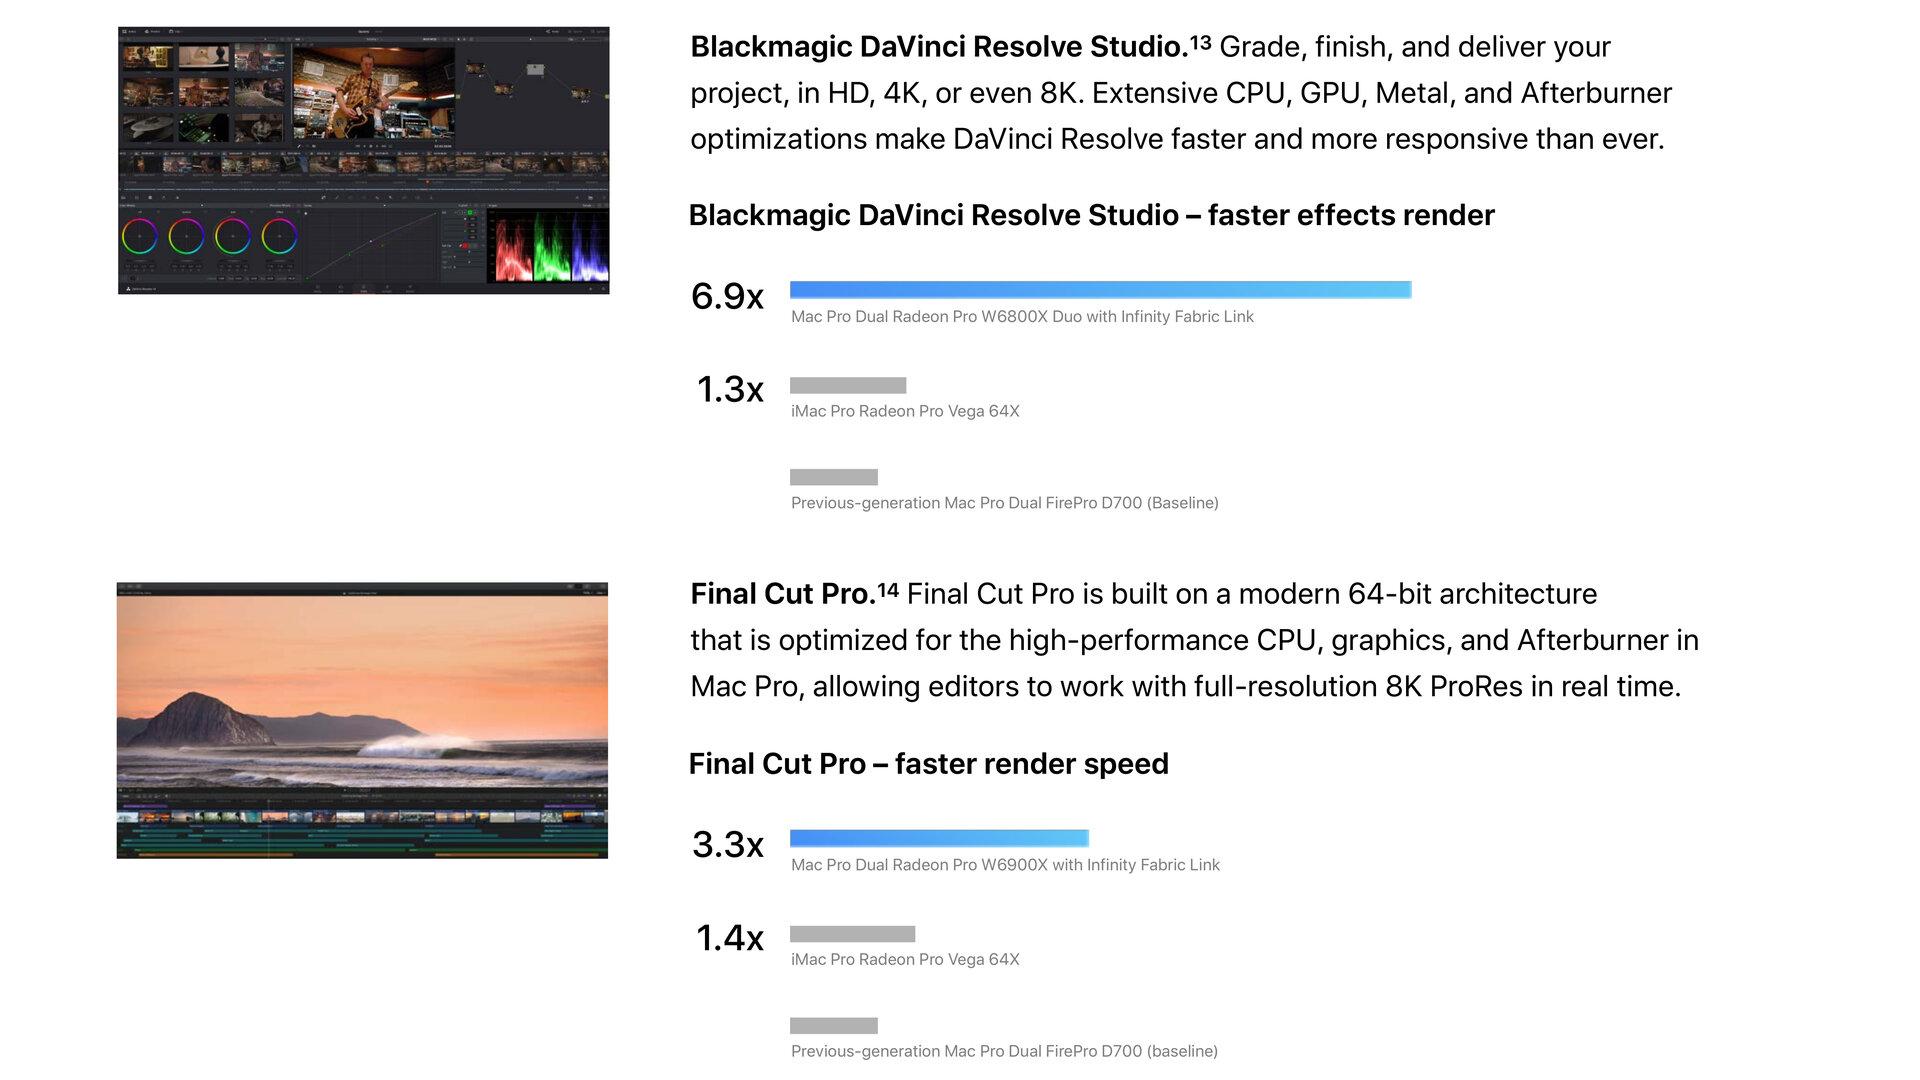 Graphics performance at Blackmagic Da Vinci Reserve Studio and Final Cut Pro